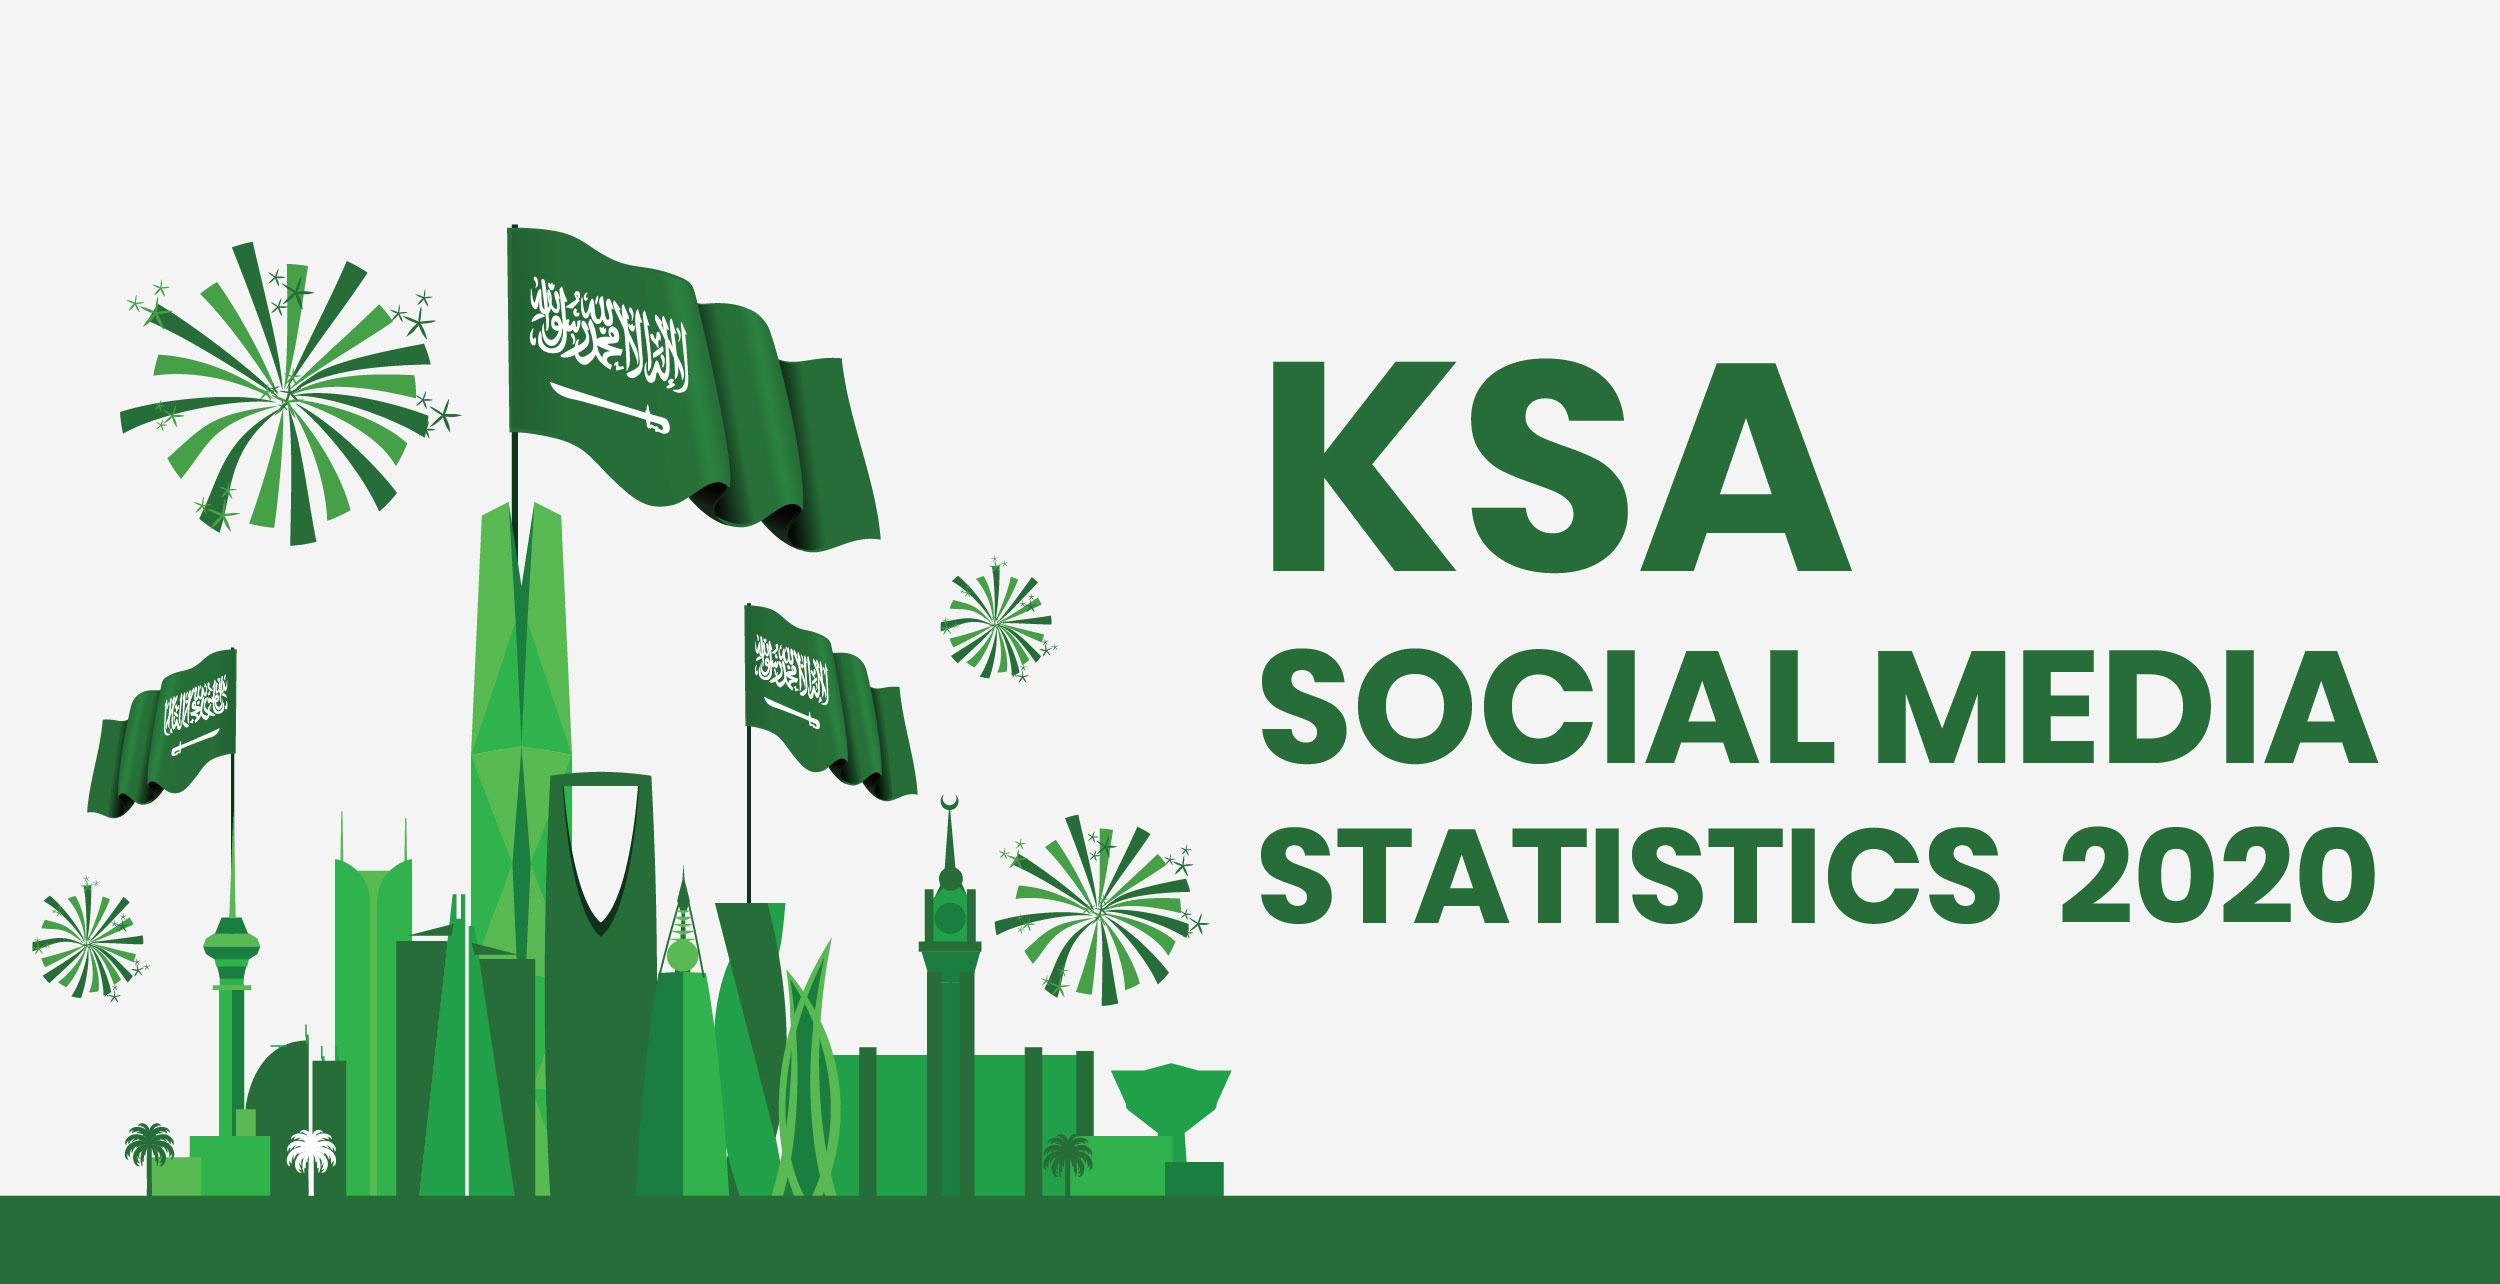 KSA Social Media Stats 2020